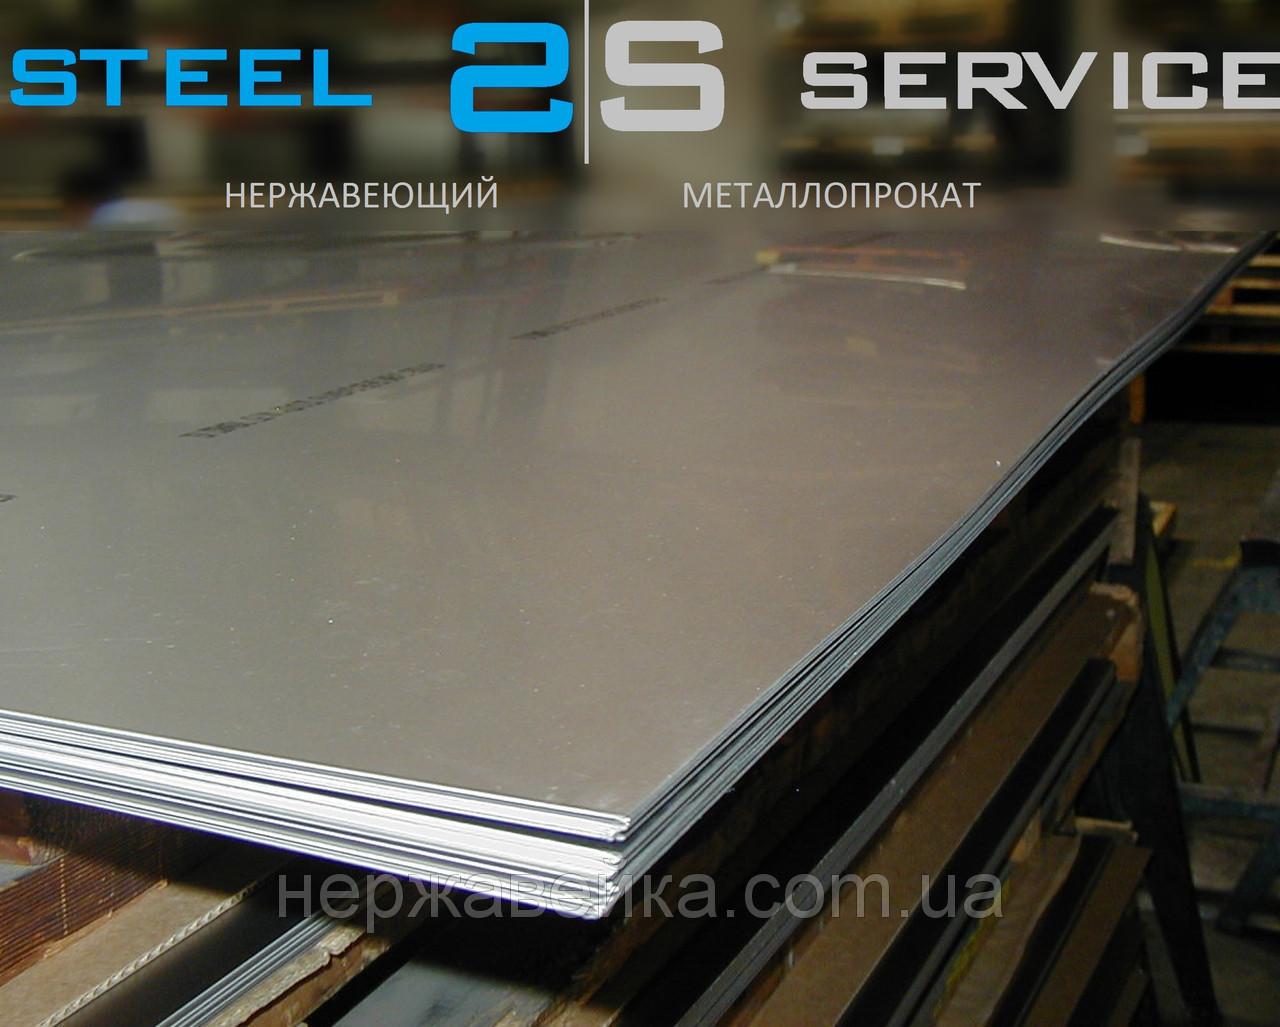 Нержавеющий лист 10х1000х2000мм  AISI 309(20Х23Н13, 20Х20Н14С2) F1 - горячекатанный,  жаропрочный